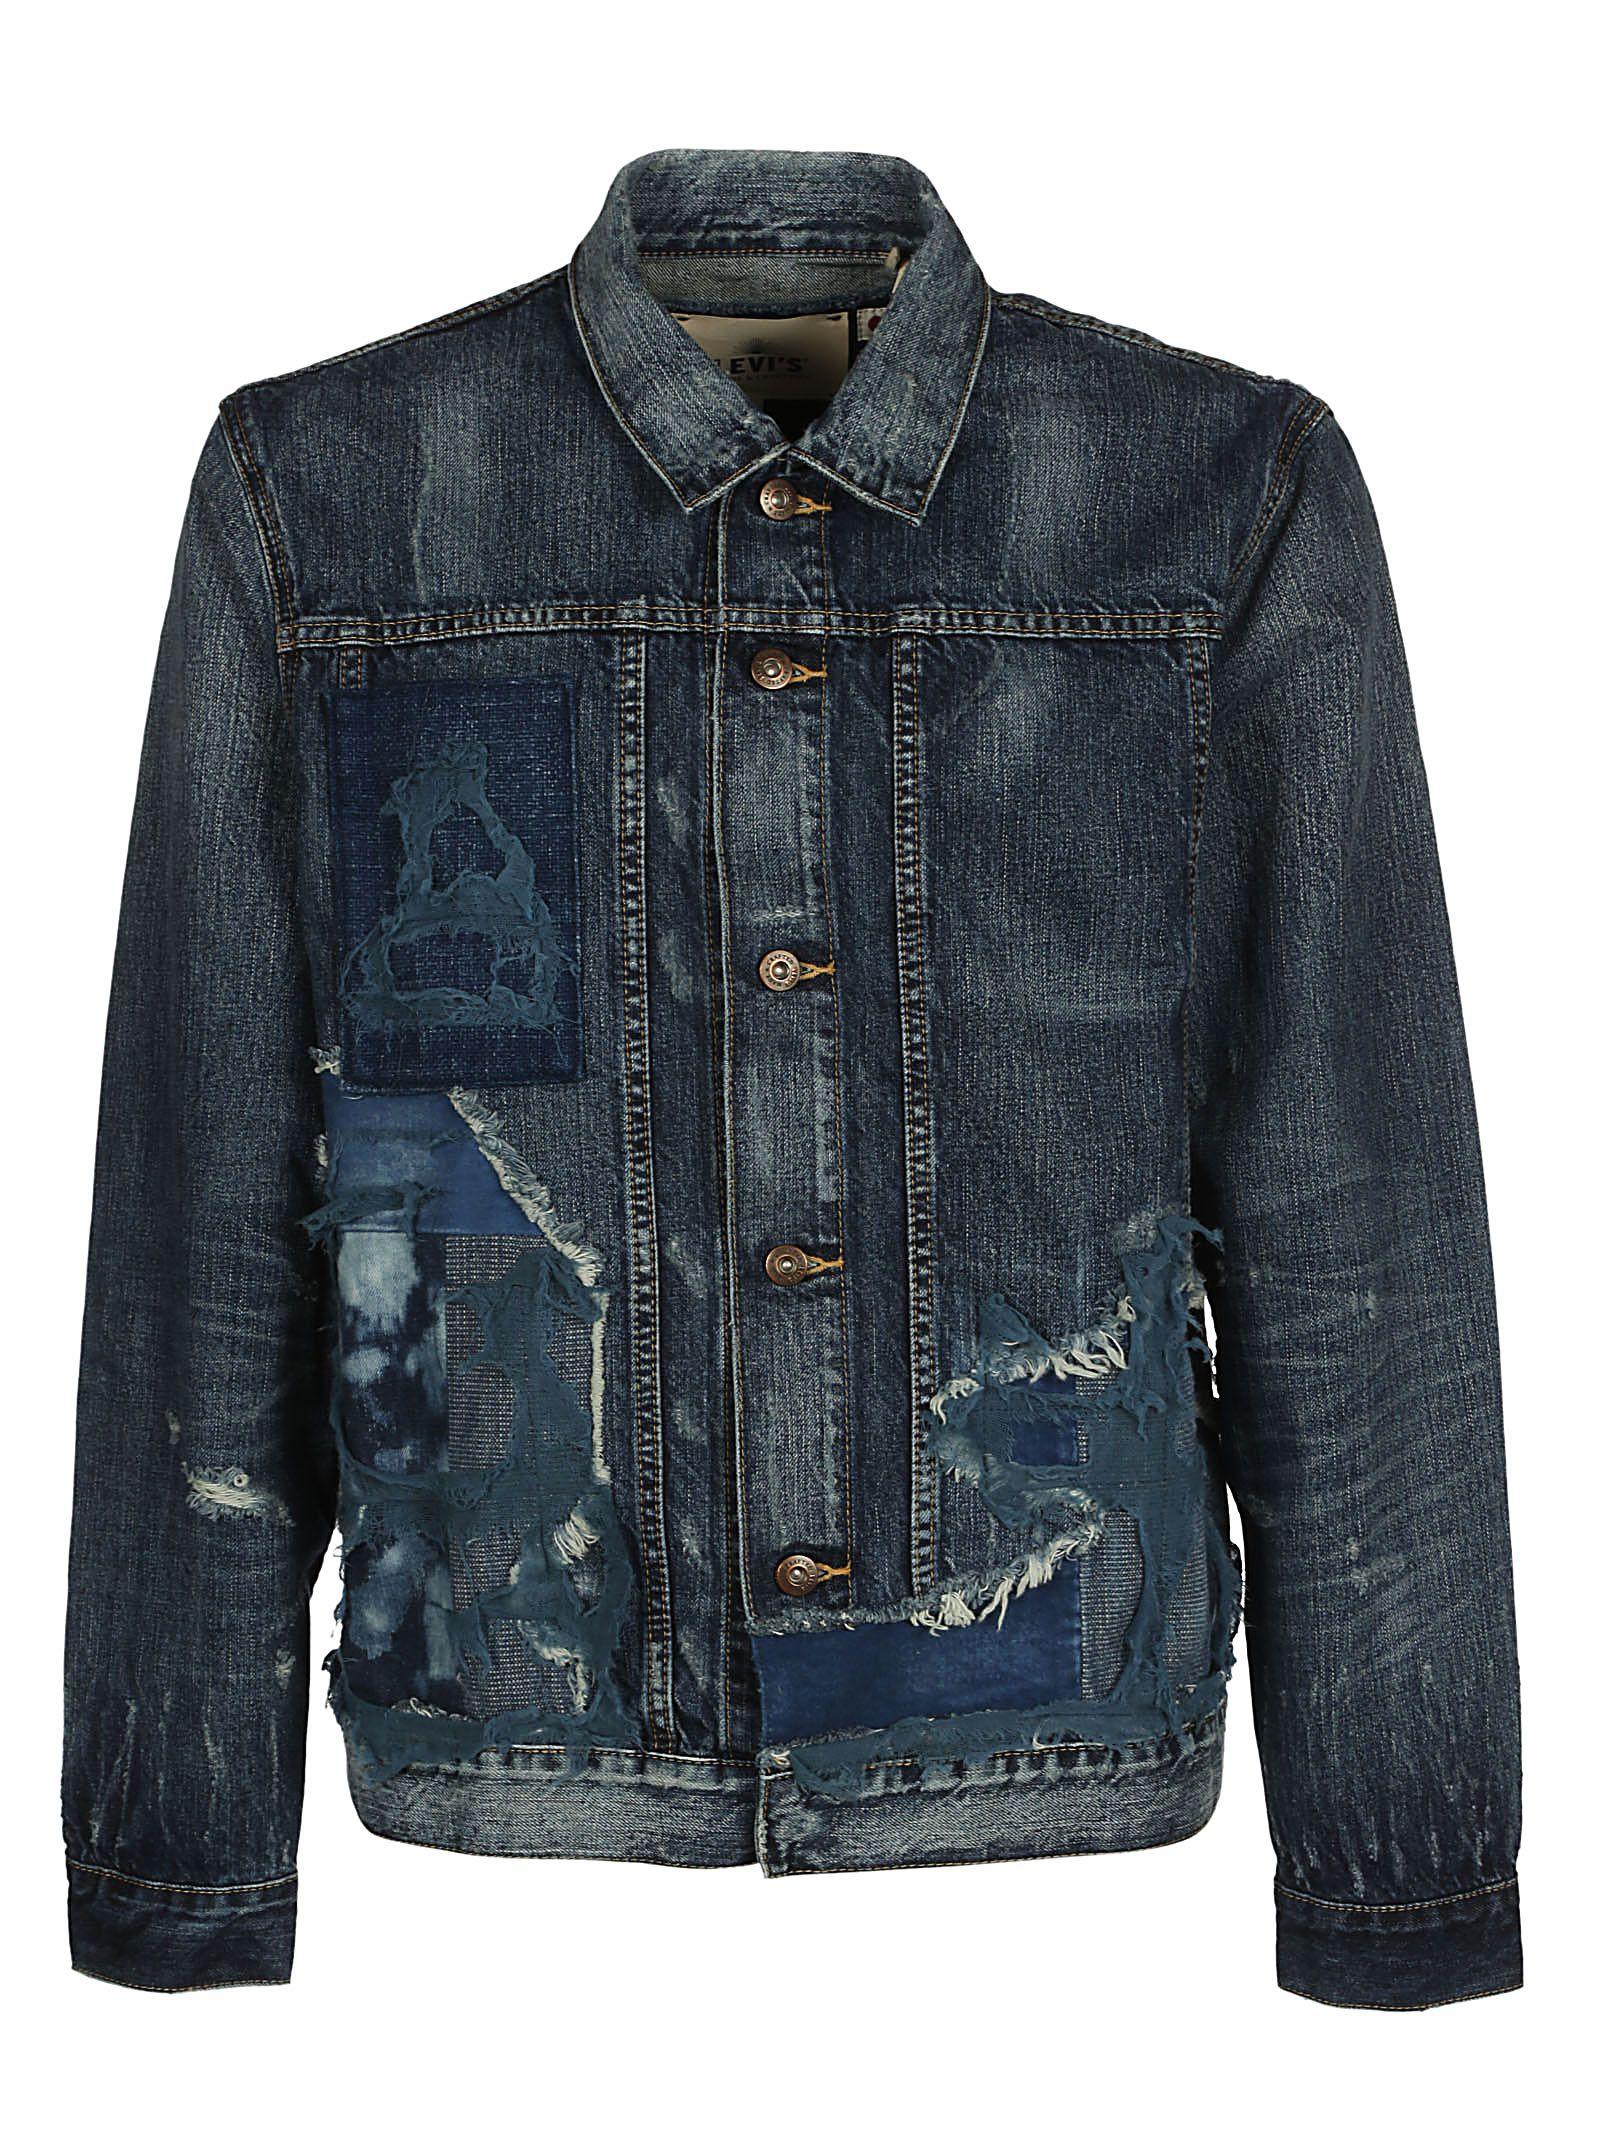 Leviss Made & Crafted Destroyed Denim Jacket